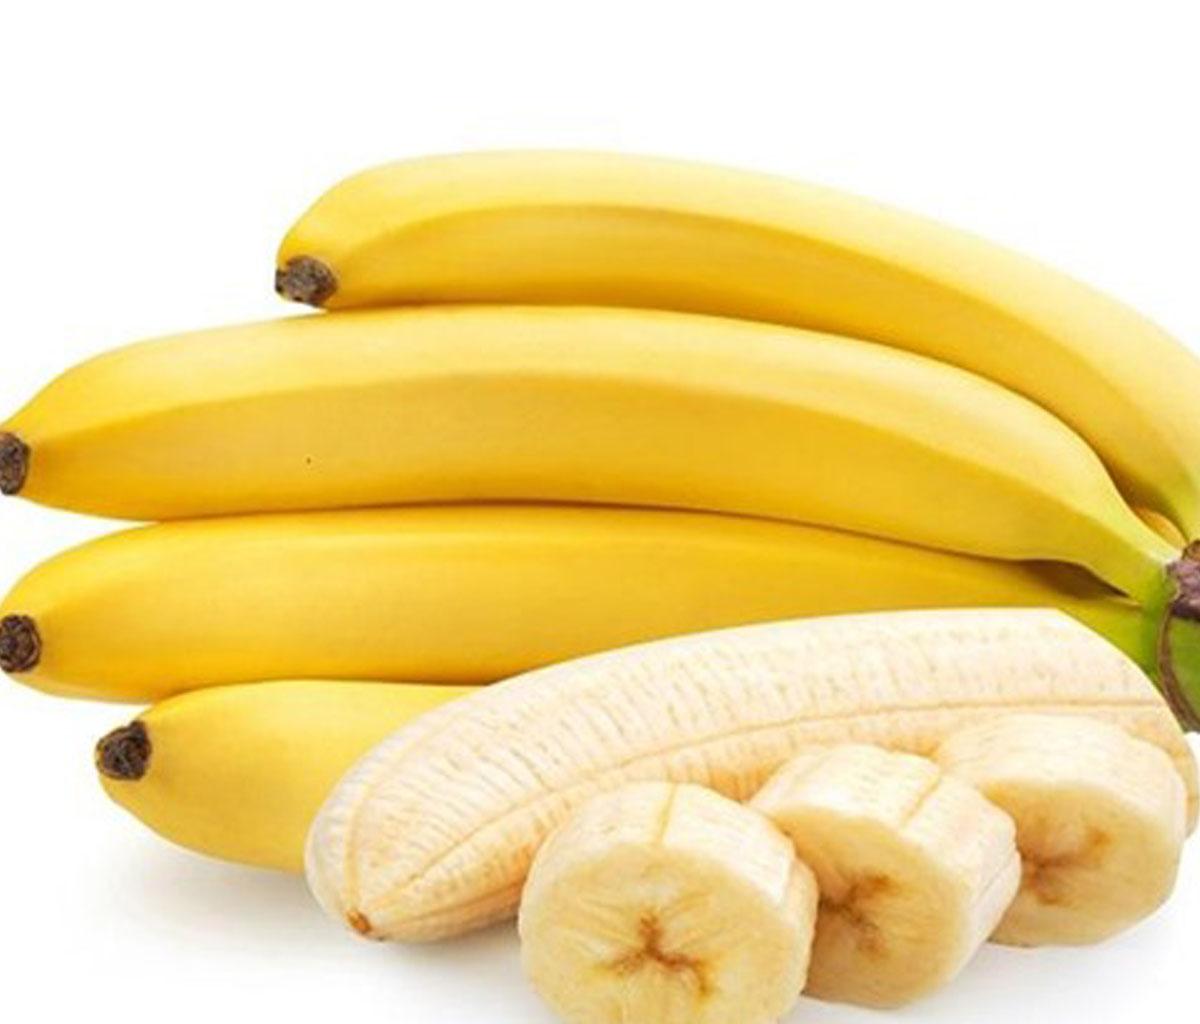 بالصور تفسير حلم الموز للعزباء , الموز خير و سعادة ليس لها حدود 6007